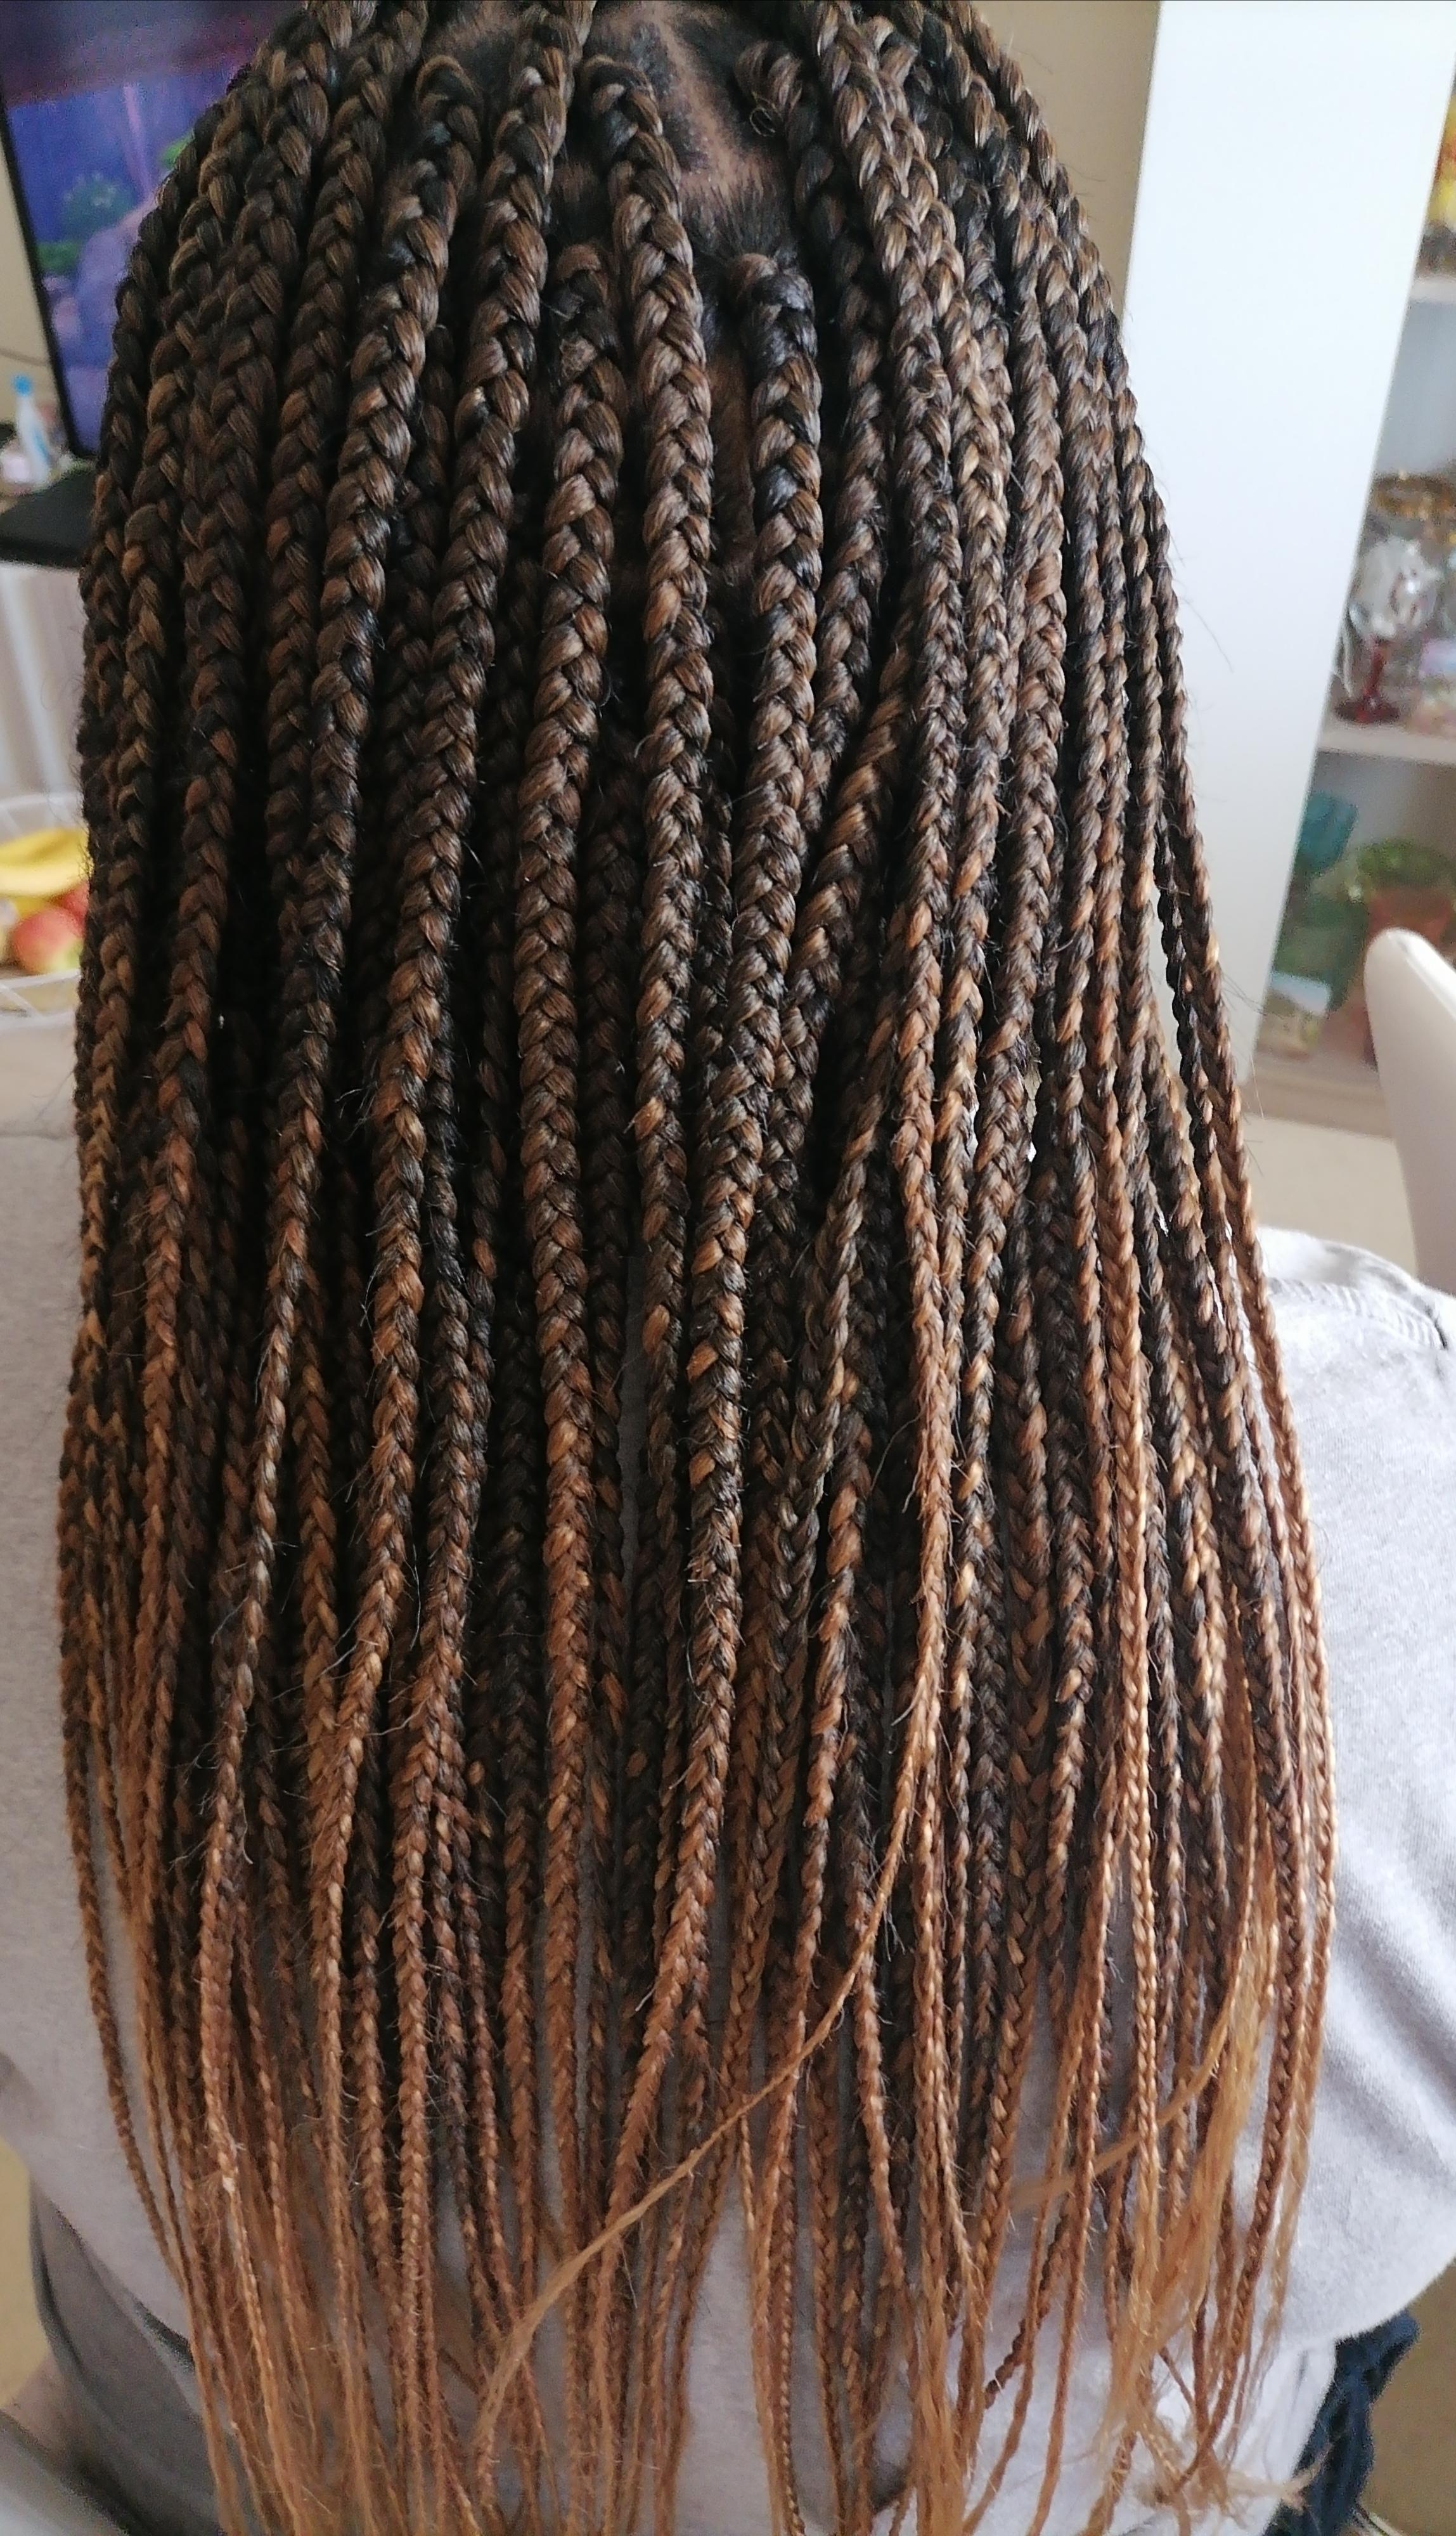 salon de coiffure afro tresse tresses box braids crochet braids vanilles tissages paris 75 77 78 91 92 93 94 95 JWXONPWN